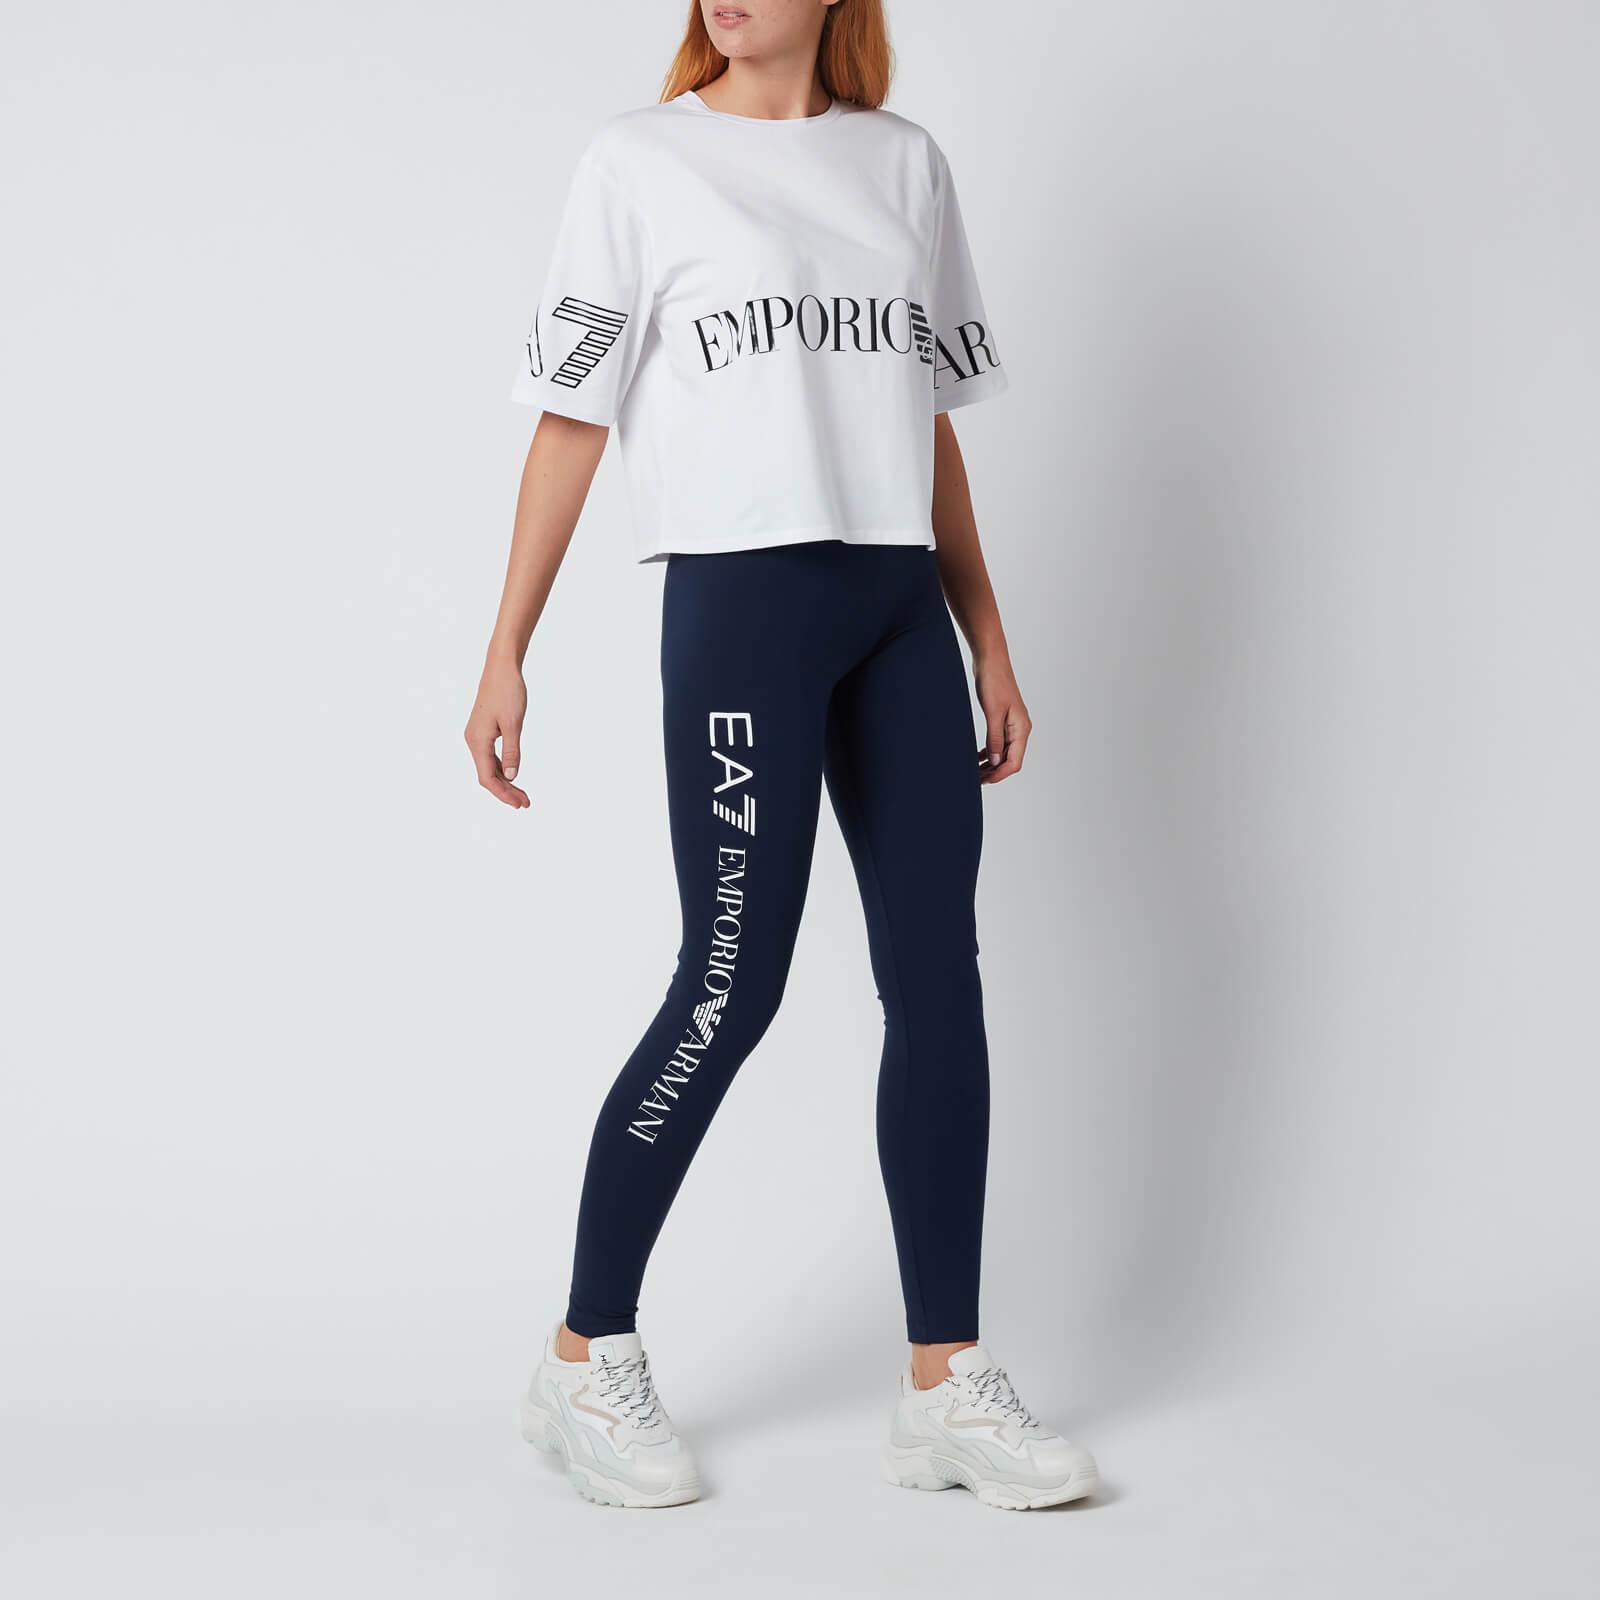 emporio armani ea7 women's train shiny leggings - blue navy/white - xs